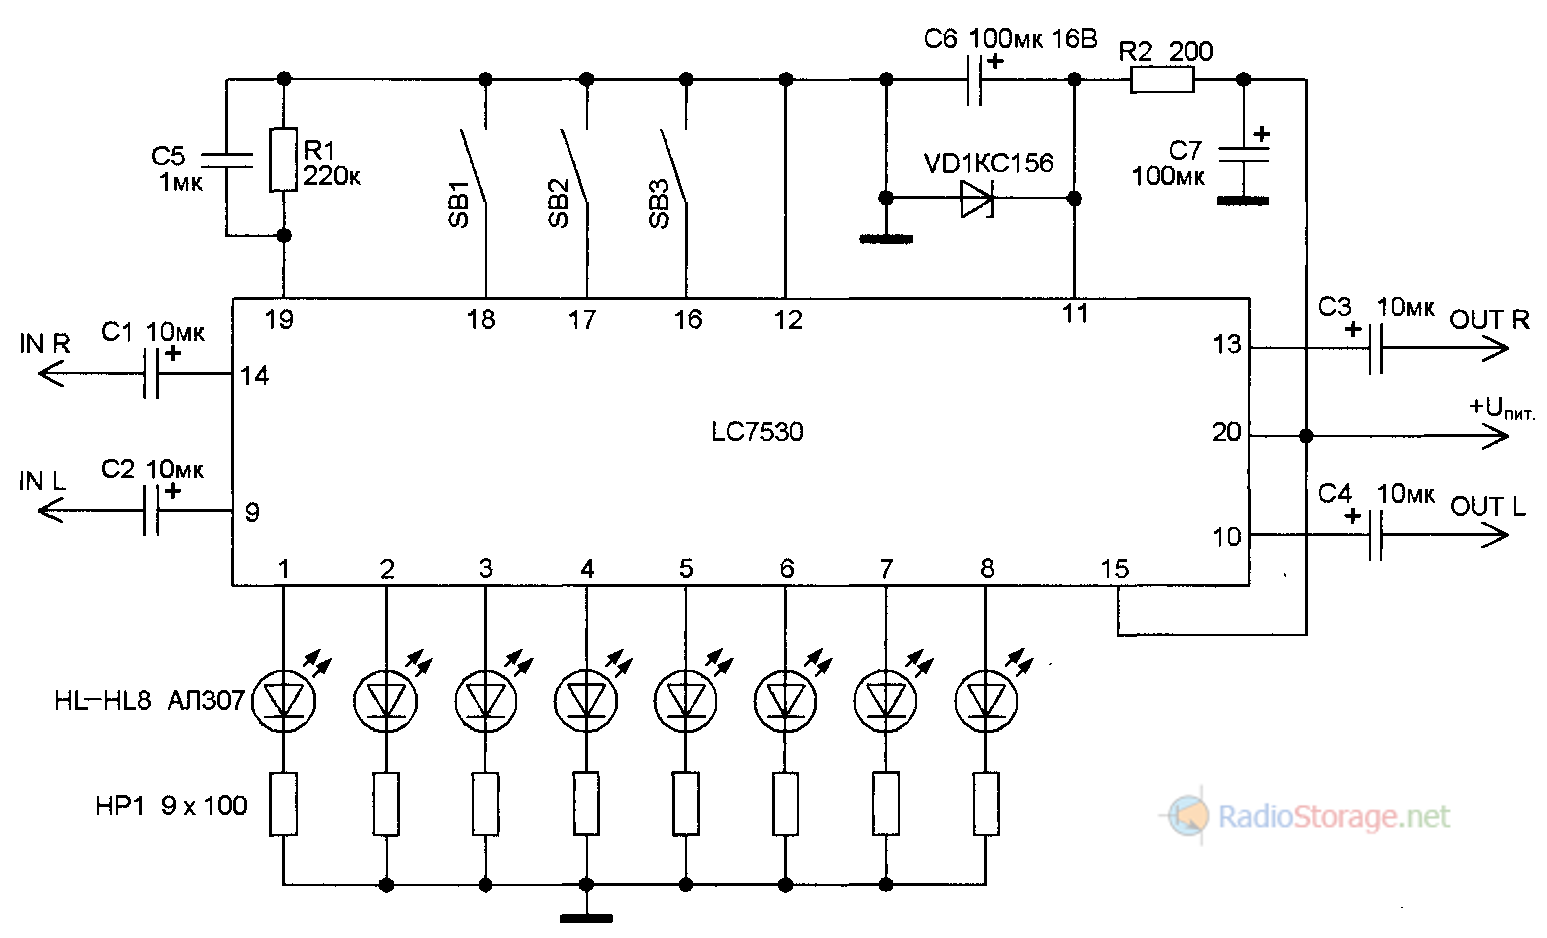 Принципиальная схема включения микросхемы-цифрового регулятора громкости LC7530